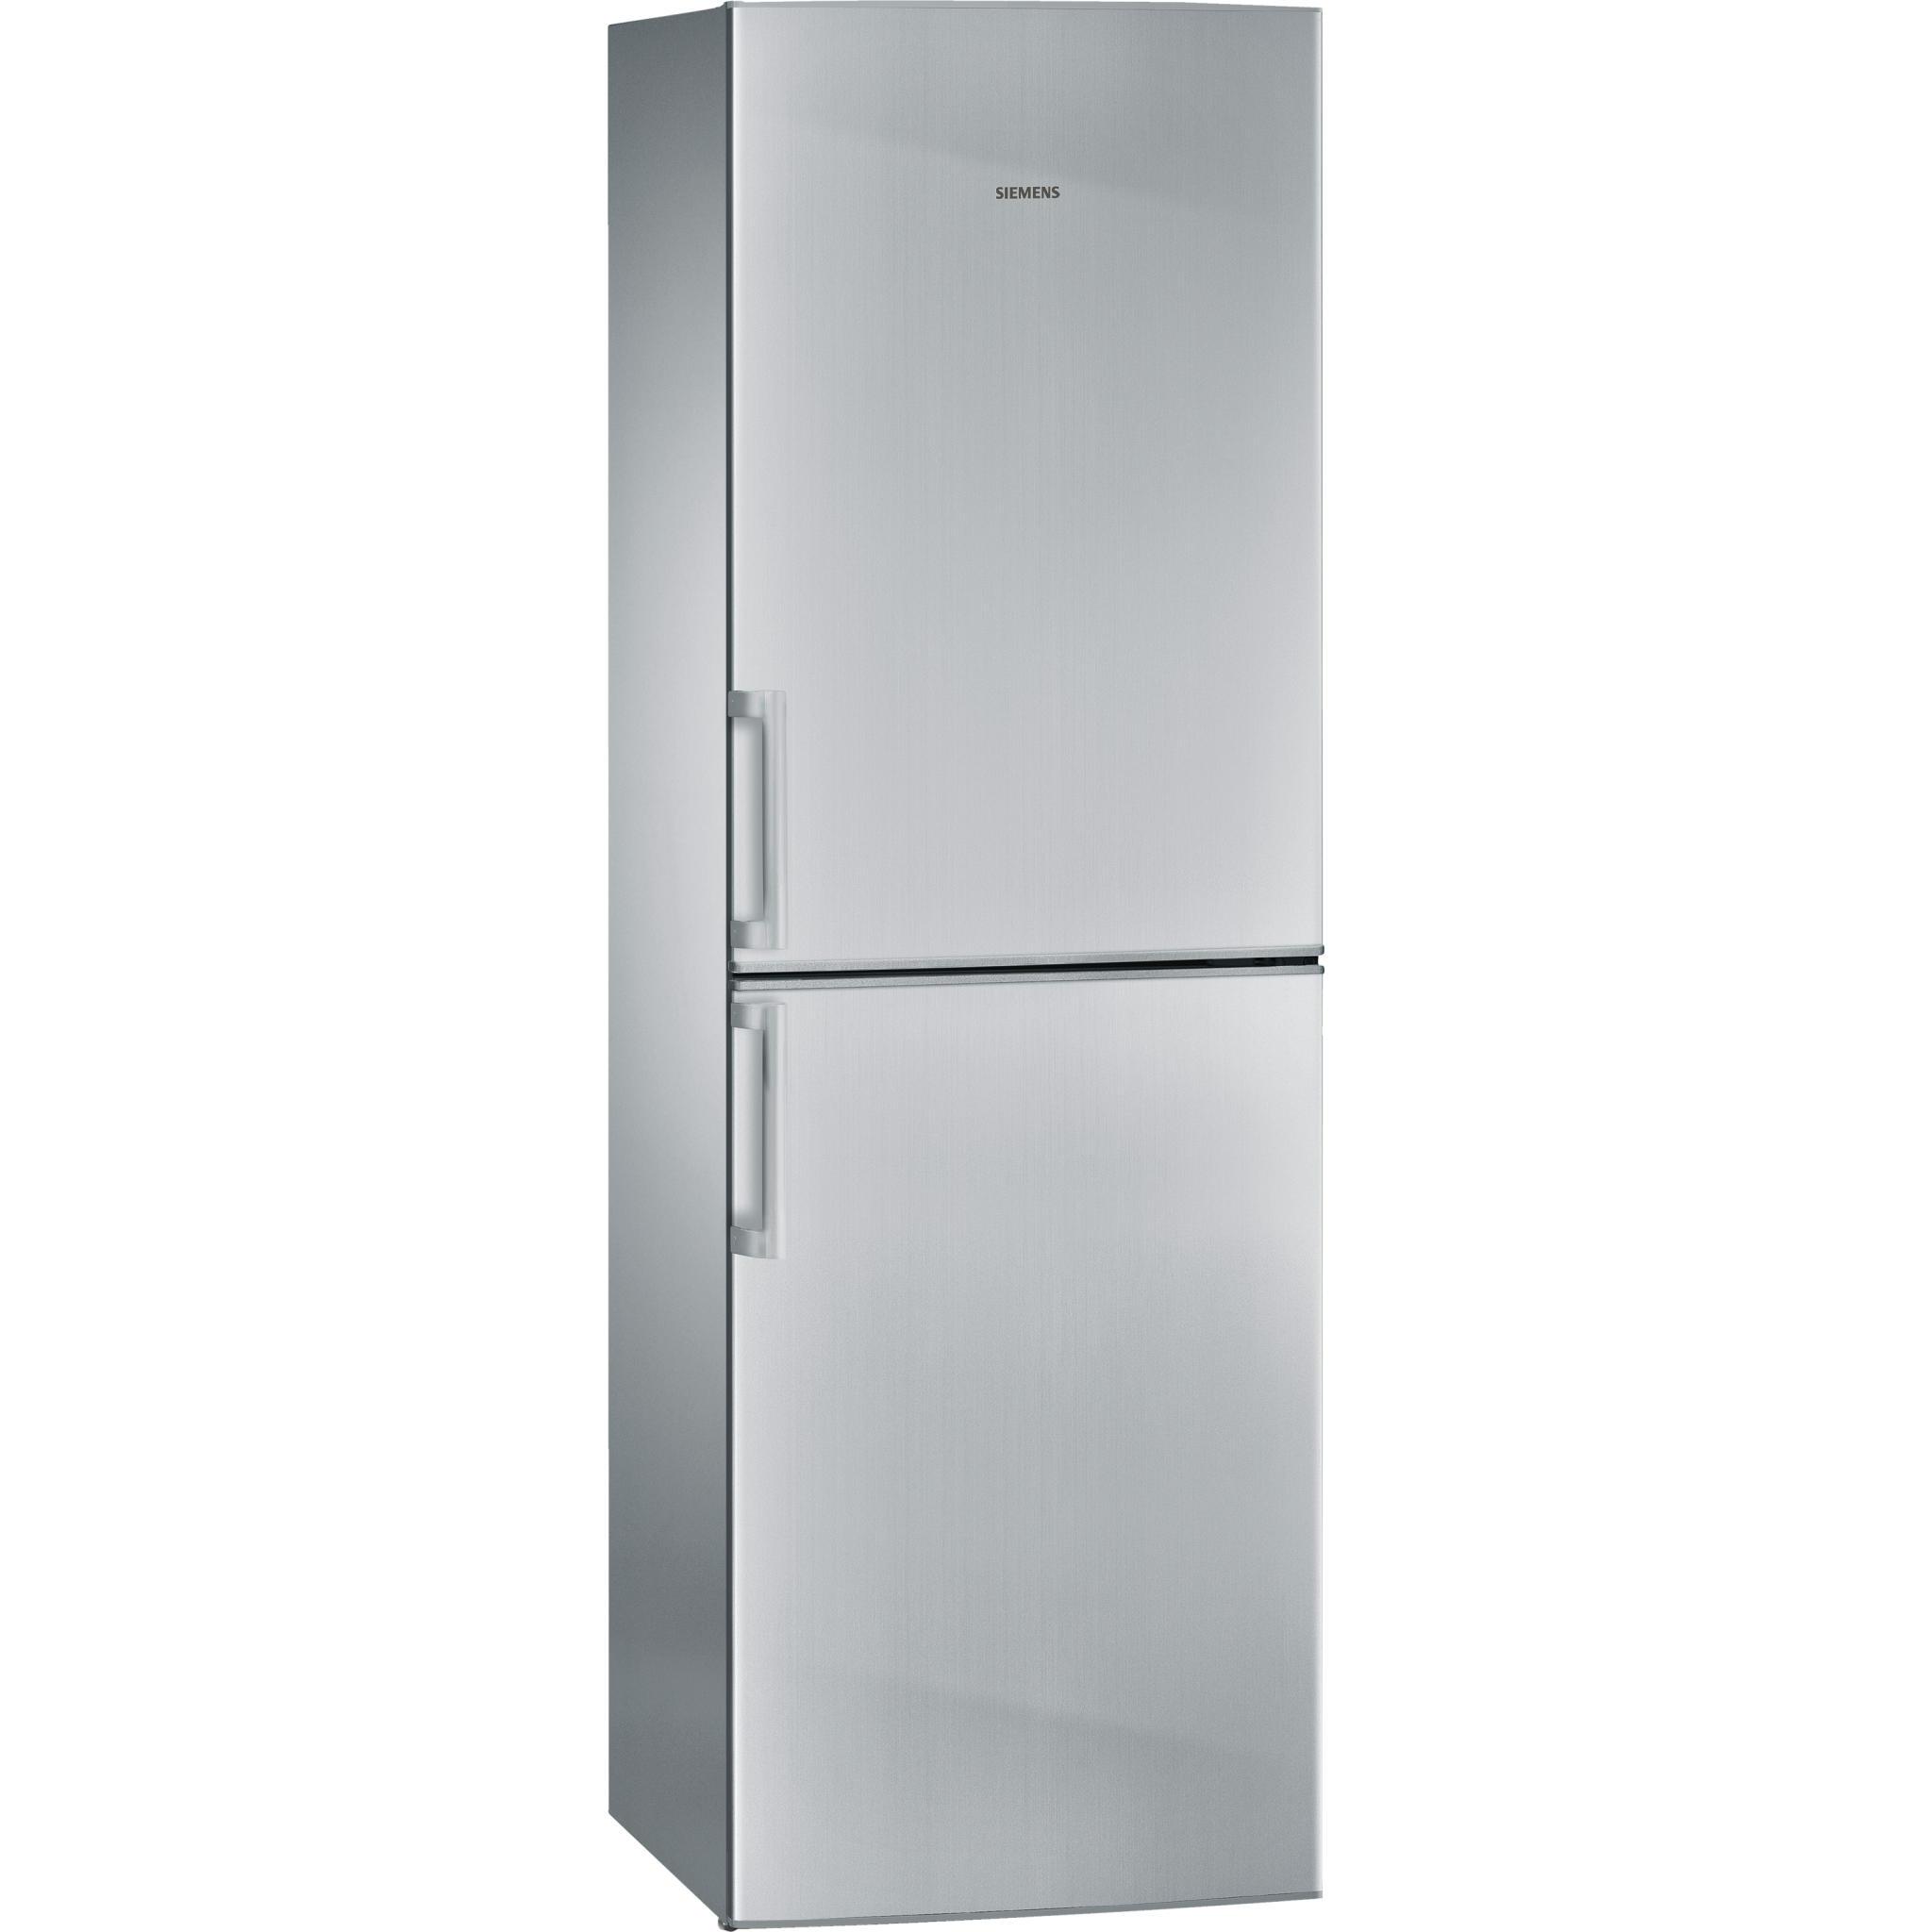 Siemens iQ300 KG34NVI20G NoFrost Fridge Freezer